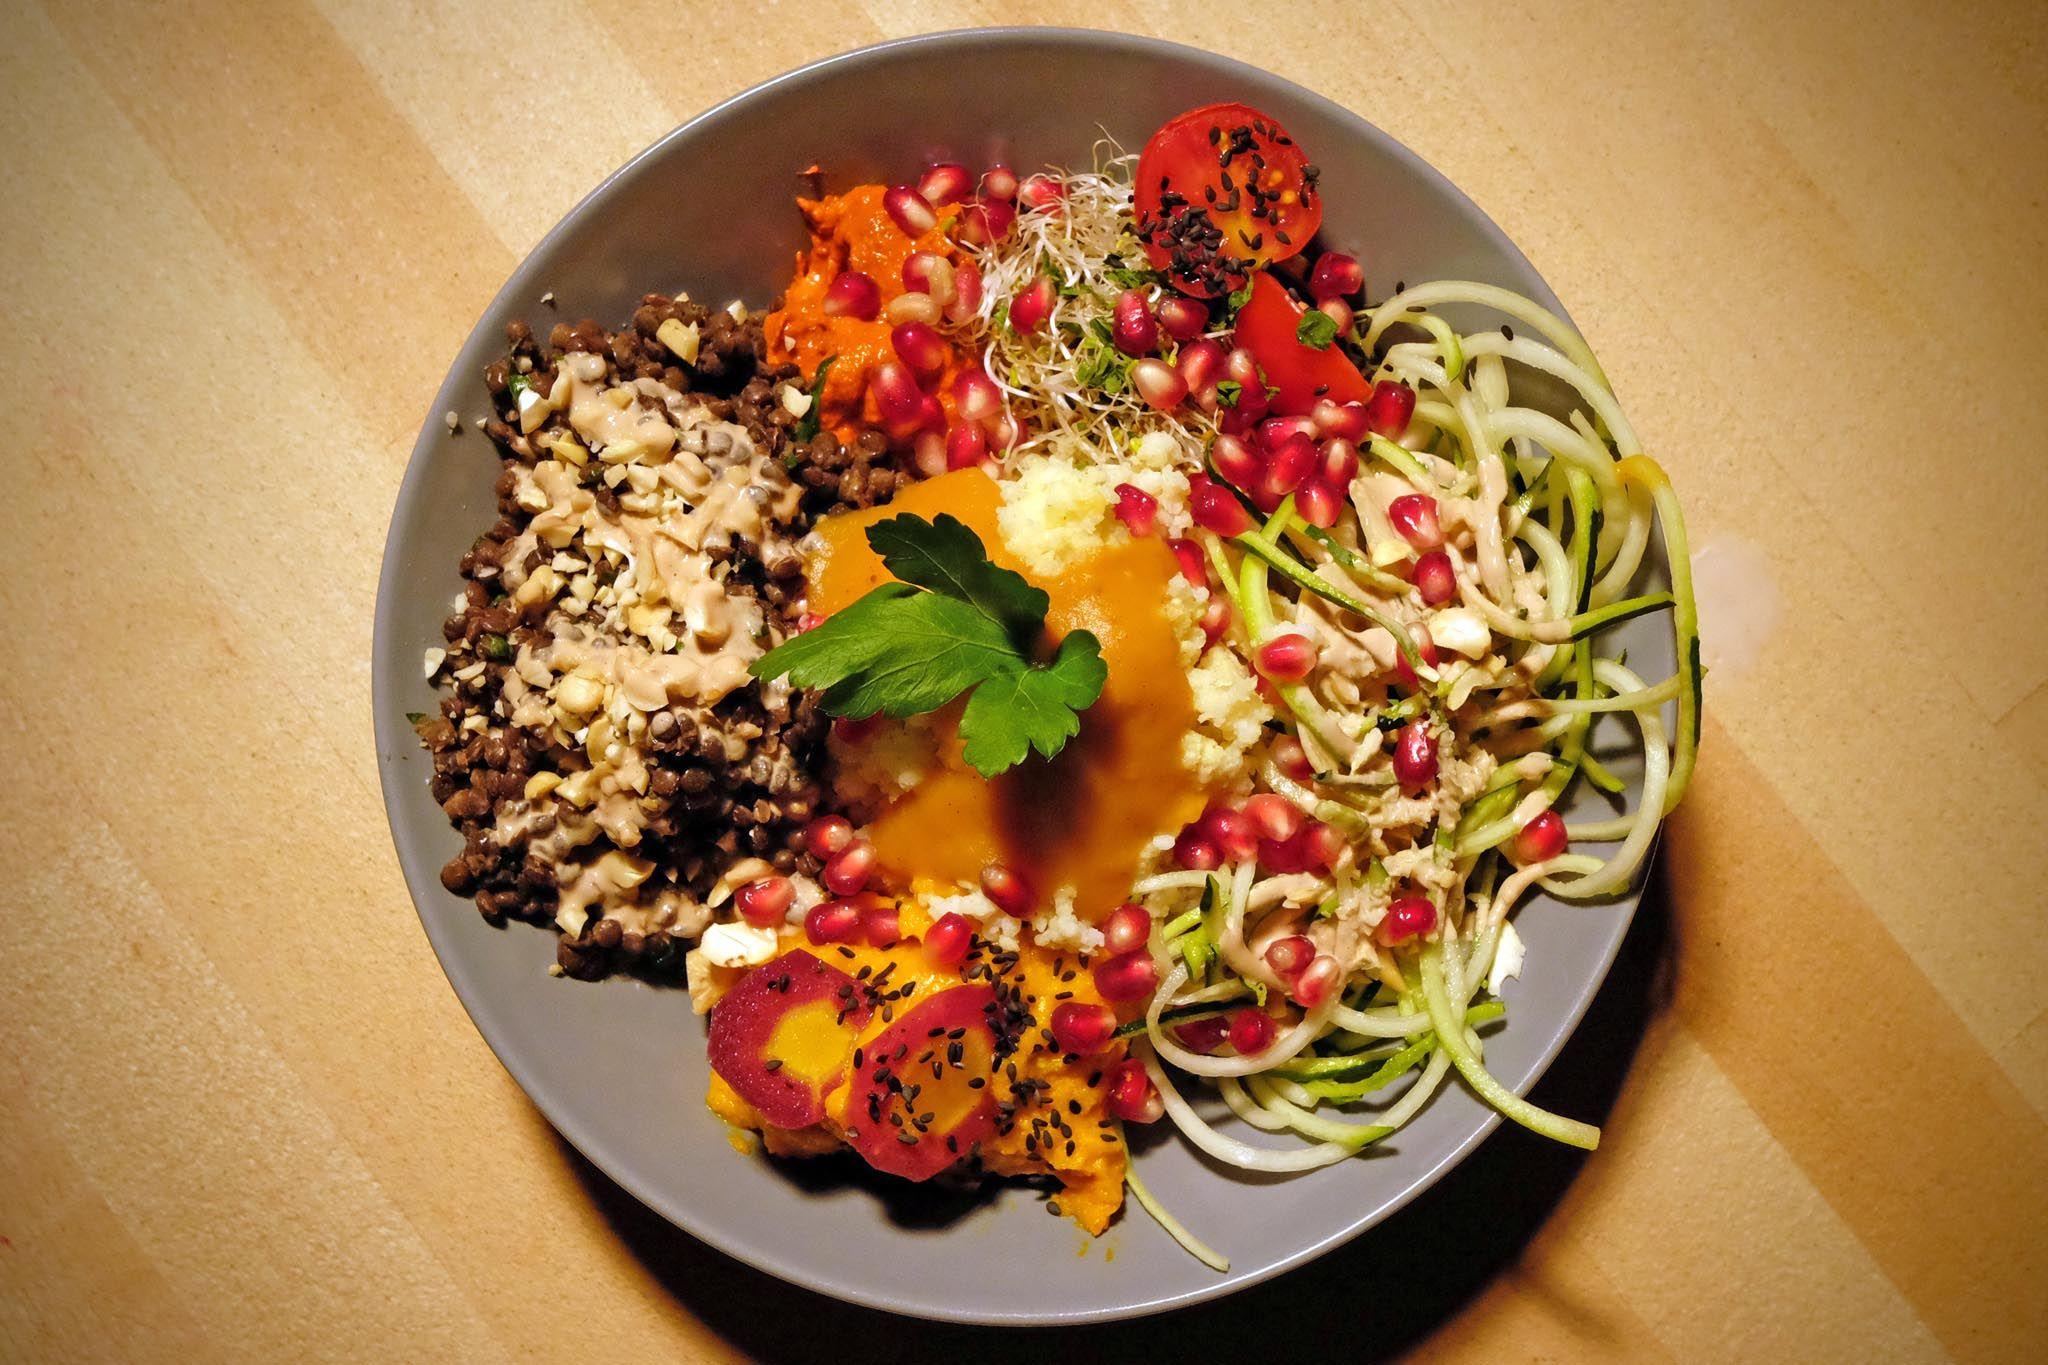 Mana Food Lebensmittel Essen Essen Granatapfelkerne